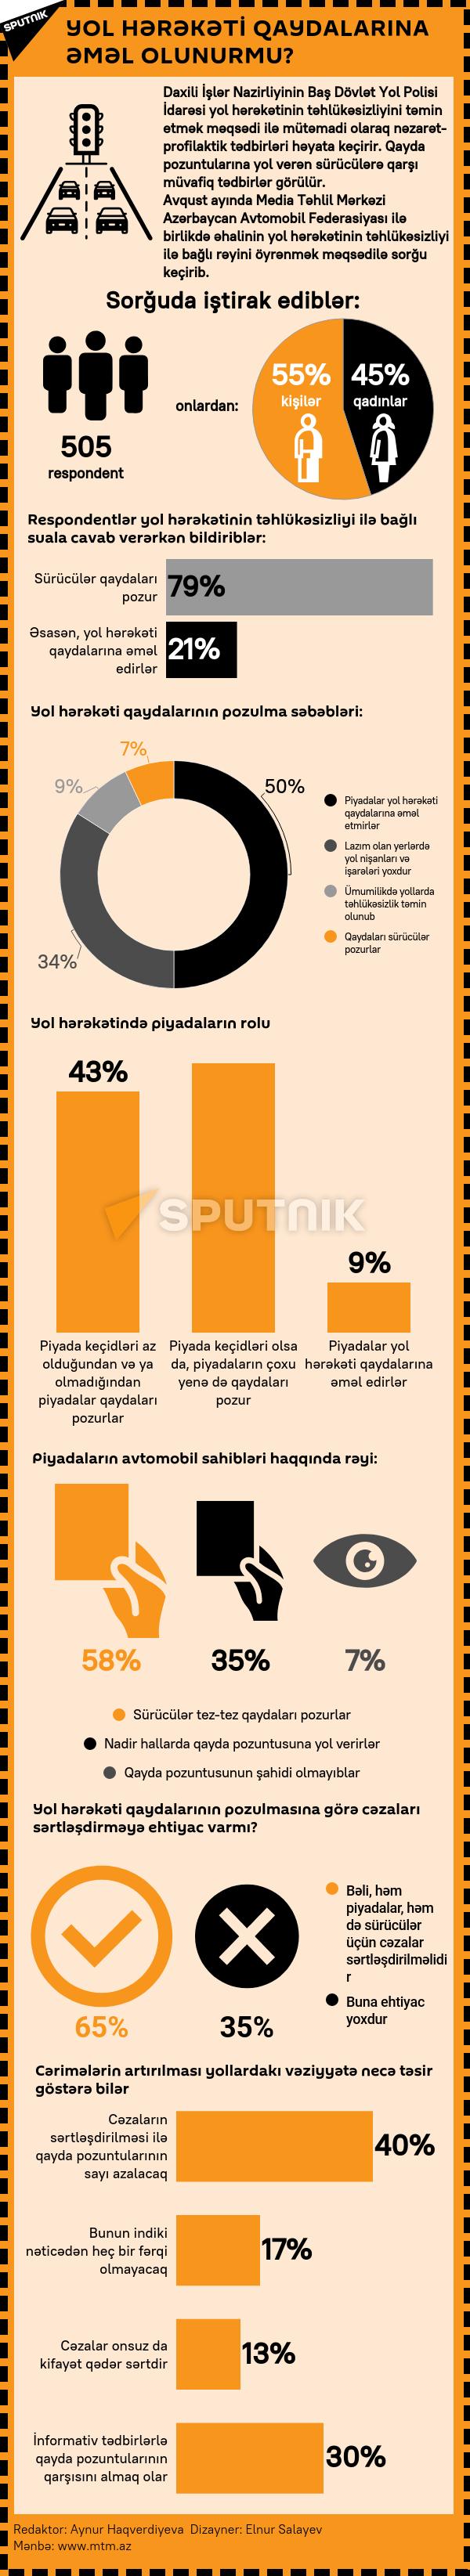 İnfoqrafika: Yol hərəkəti qaydaları - Sputnik Azərbaycan, 1920, 17.09.2021